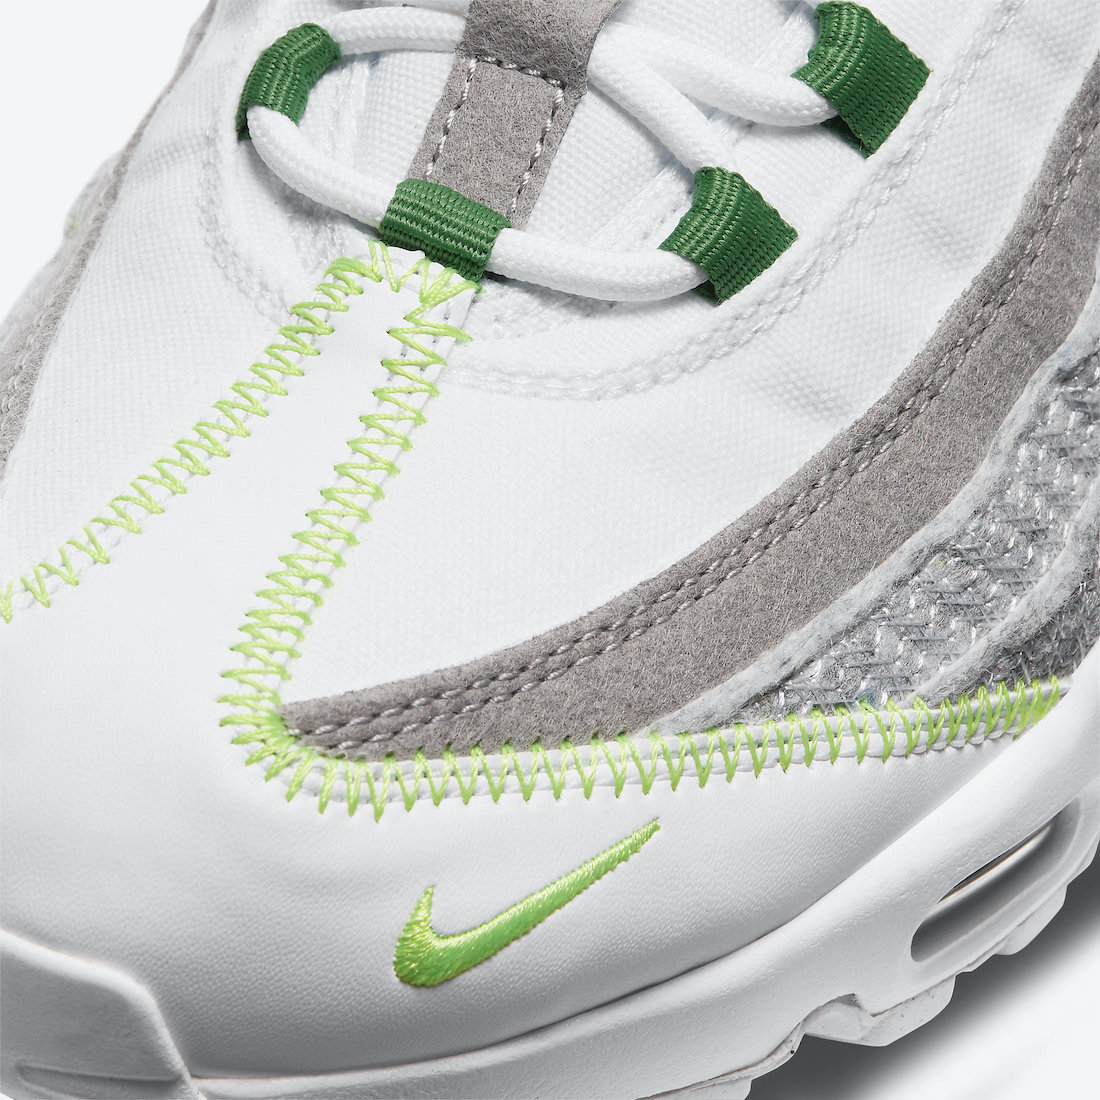 ナイキ エア マックス 95 クラシック グリーン Nike Air Max 95 NRG White Classic Green Electric Green CU5517-100 toe